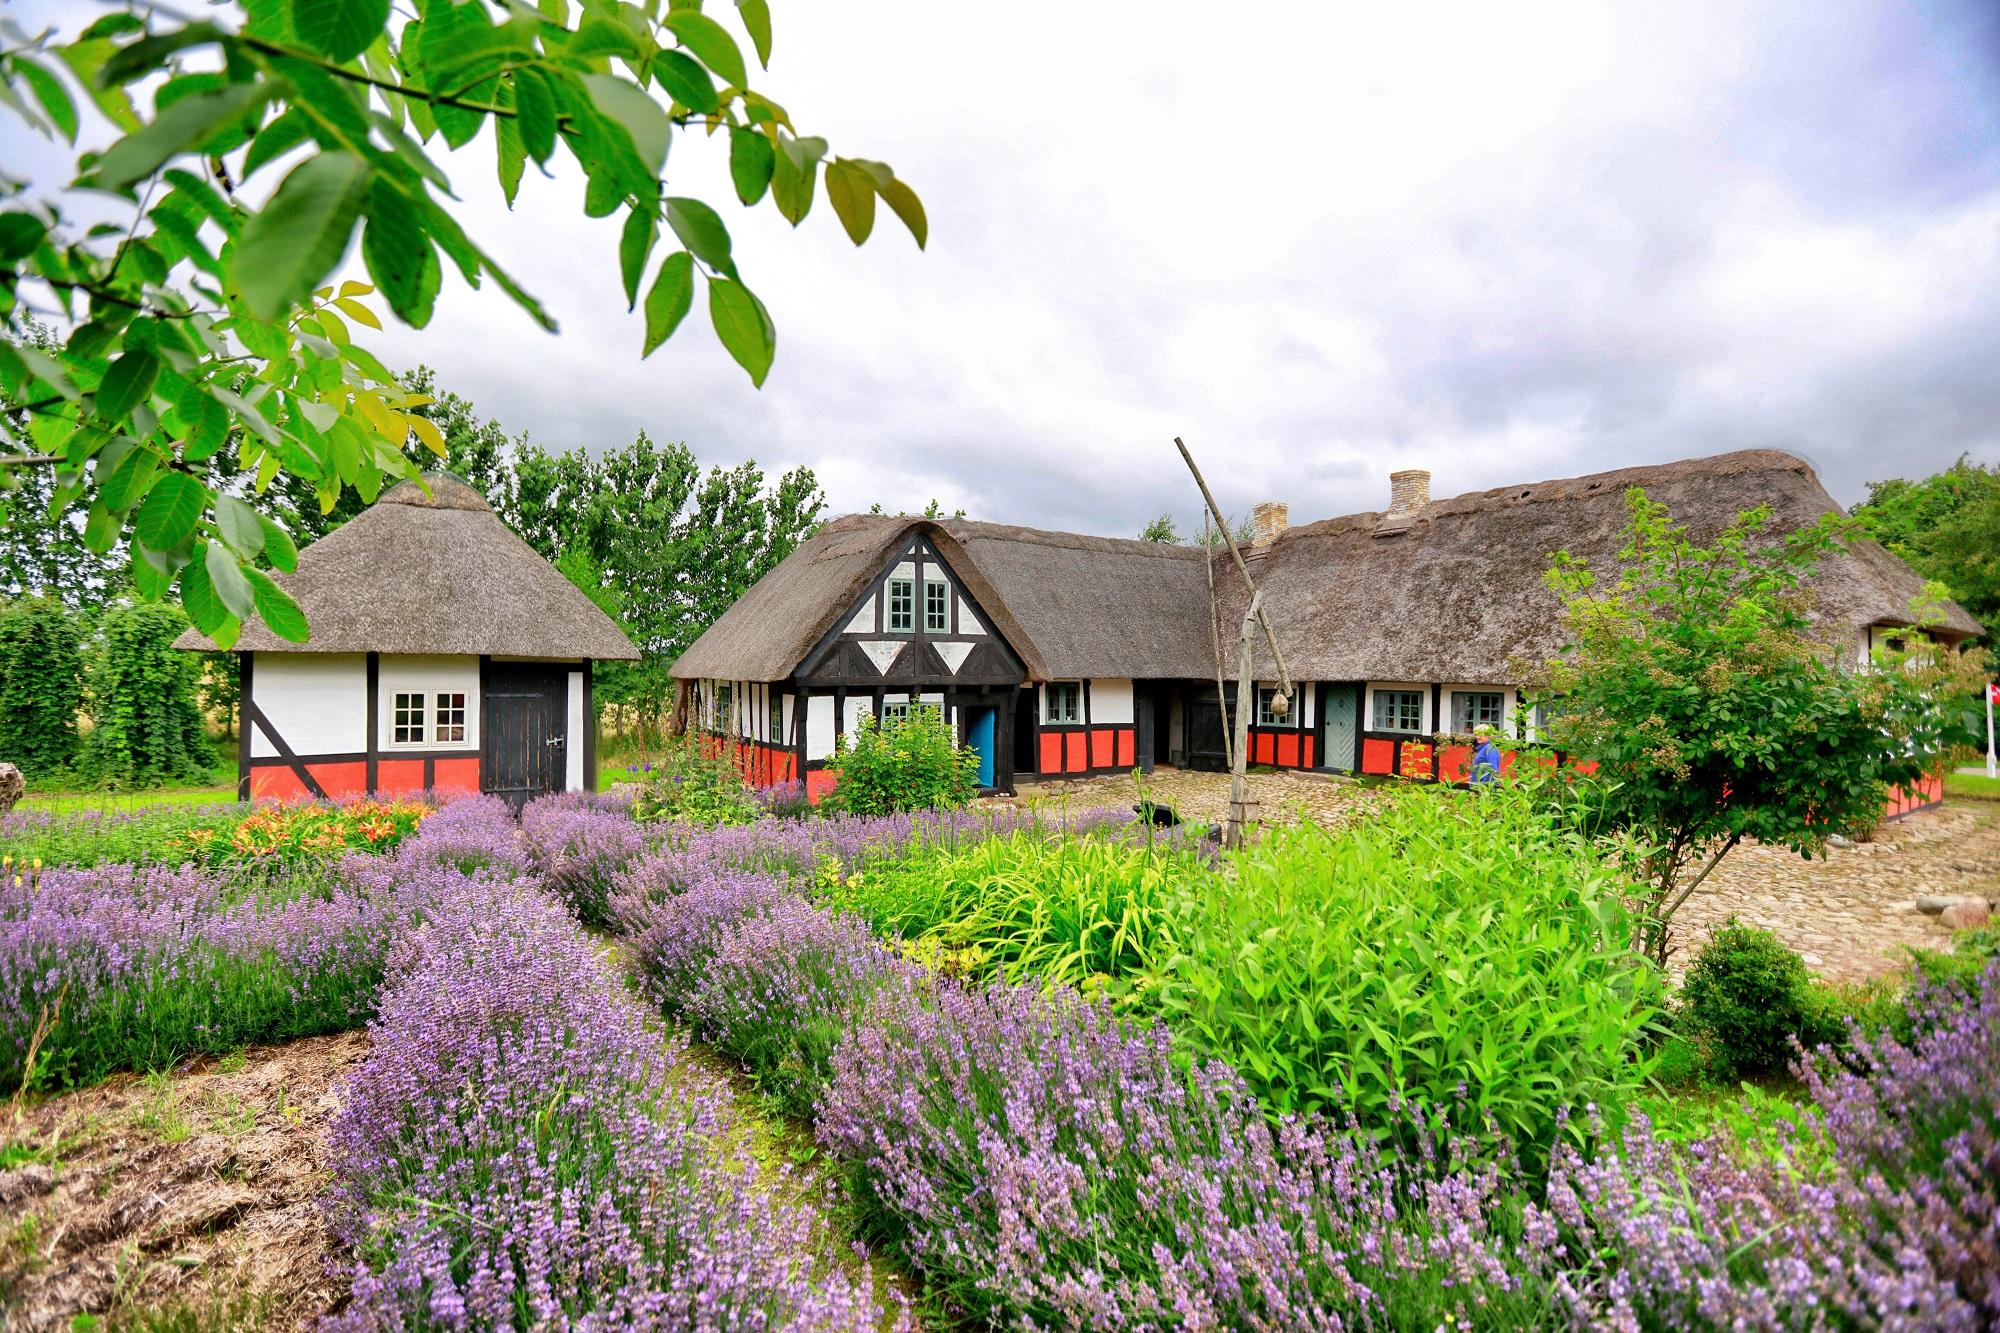 Thuruphus丹麦小屋